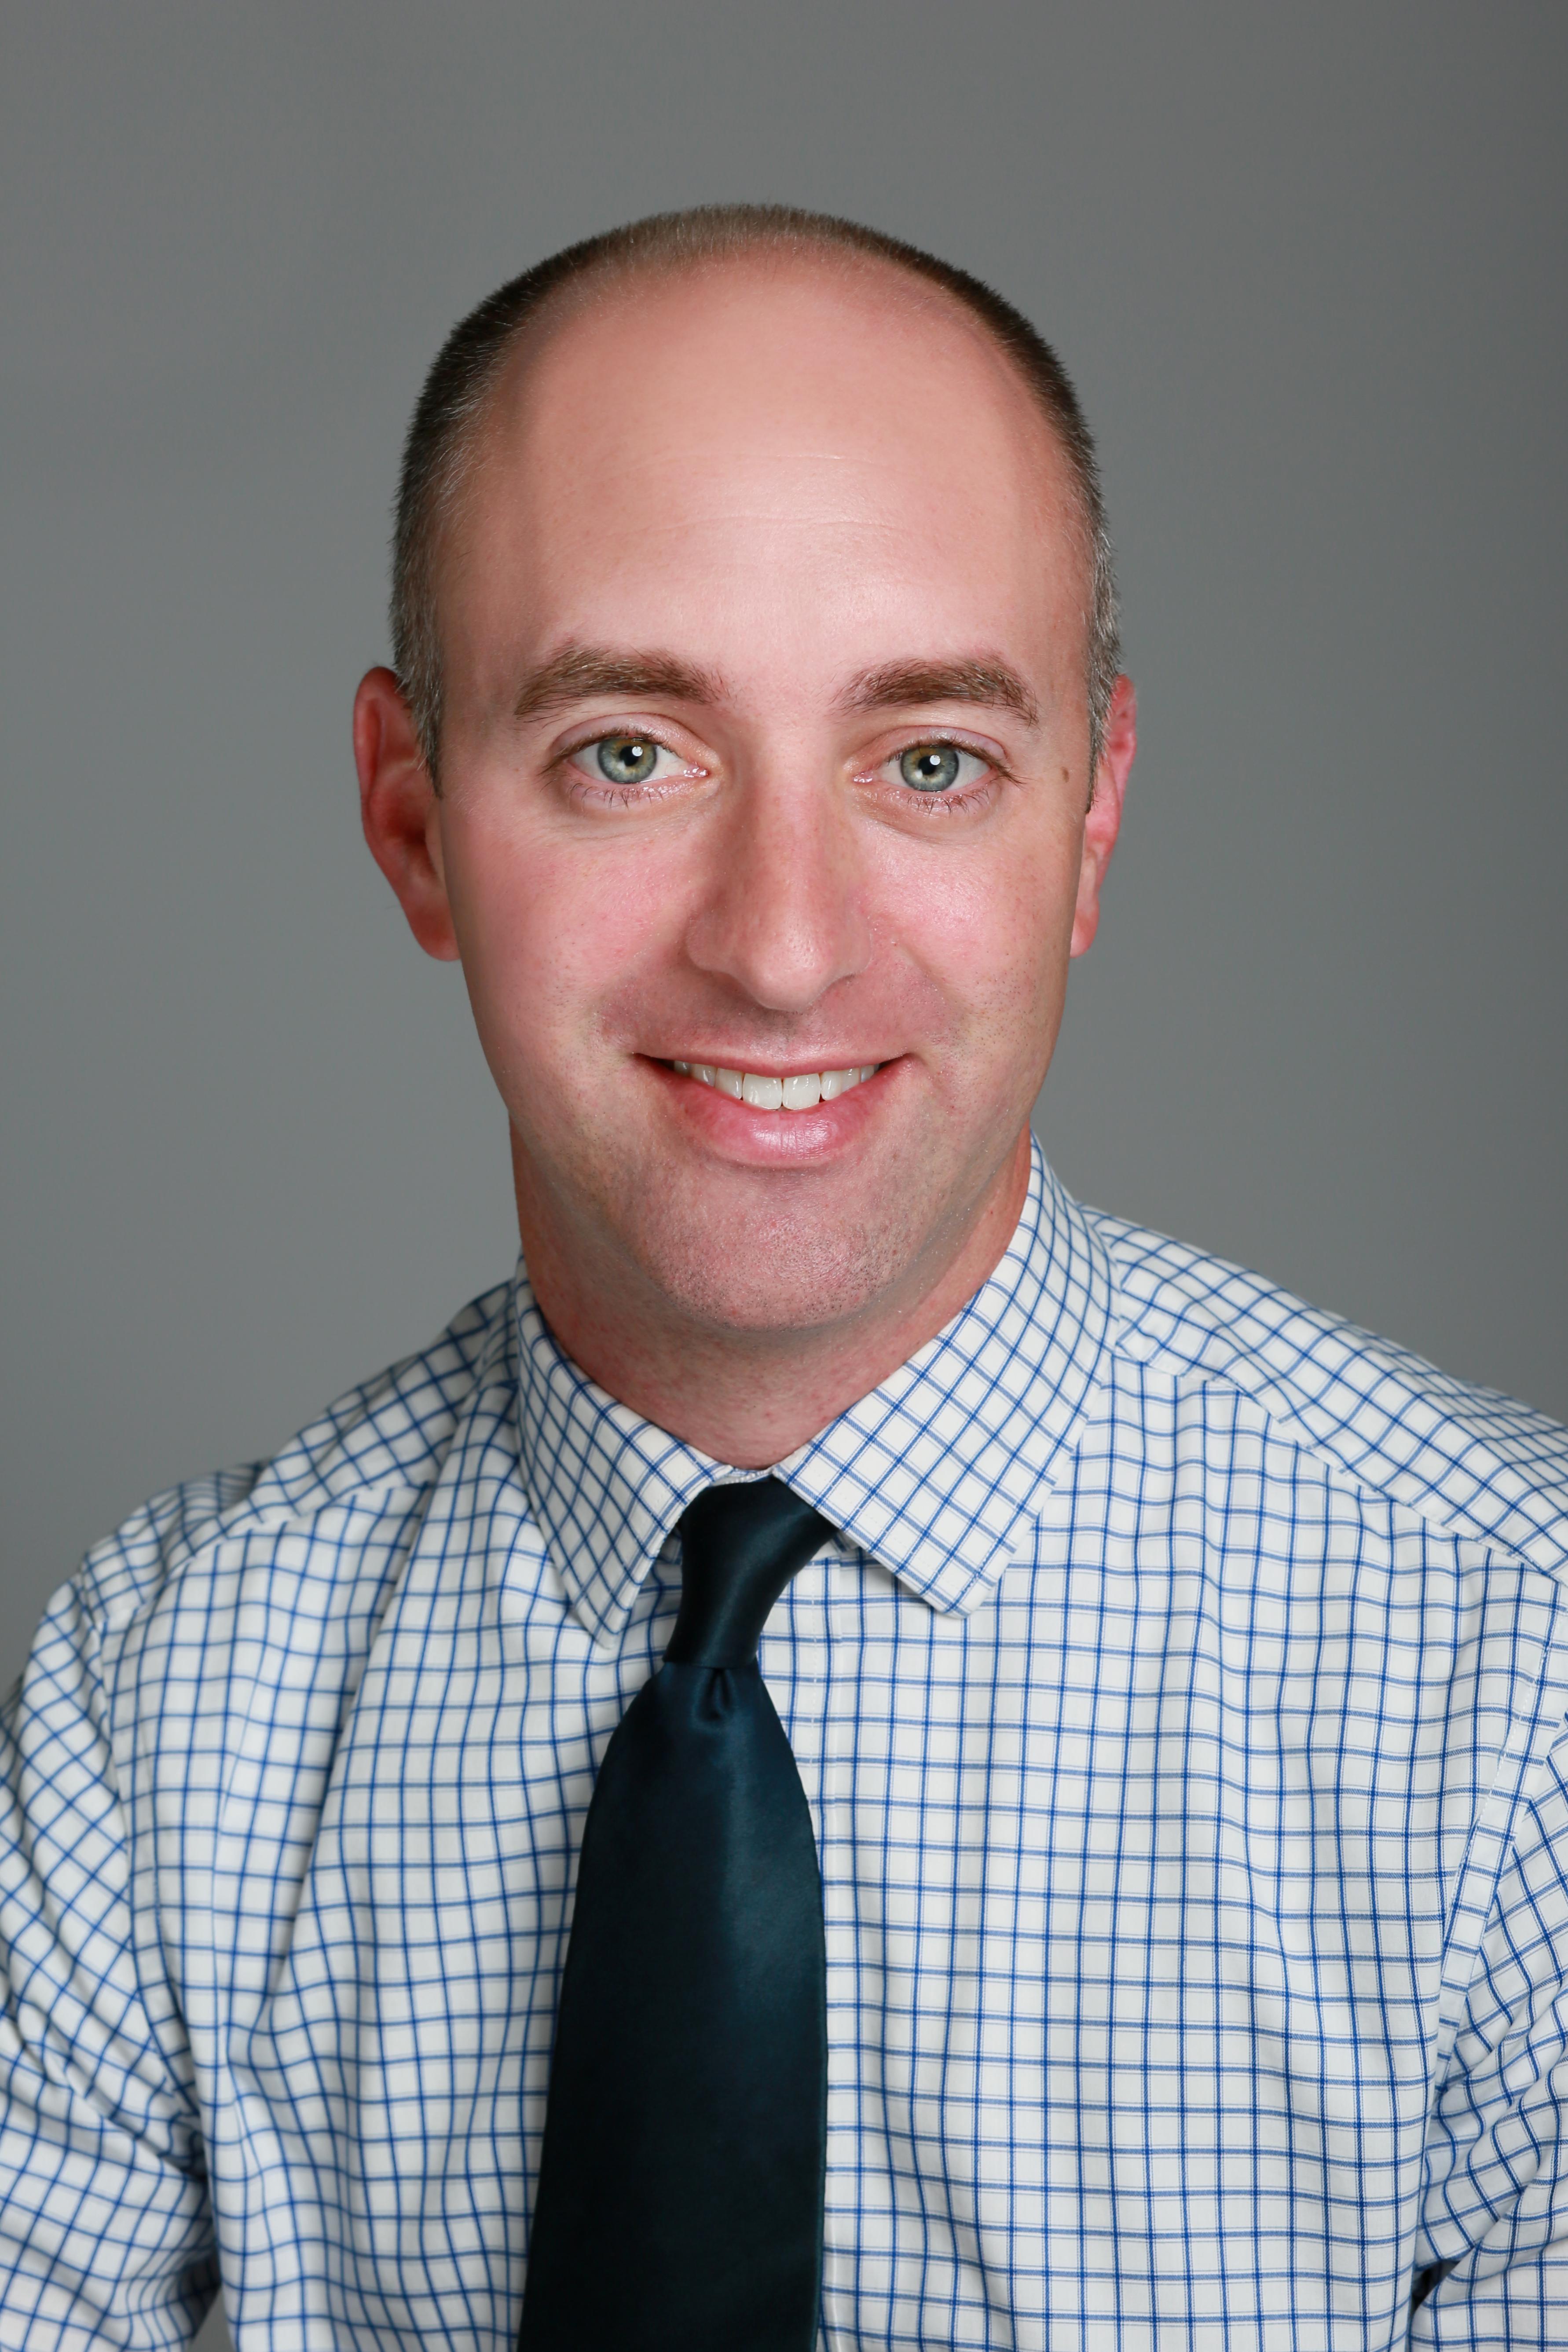 Greg Gulker